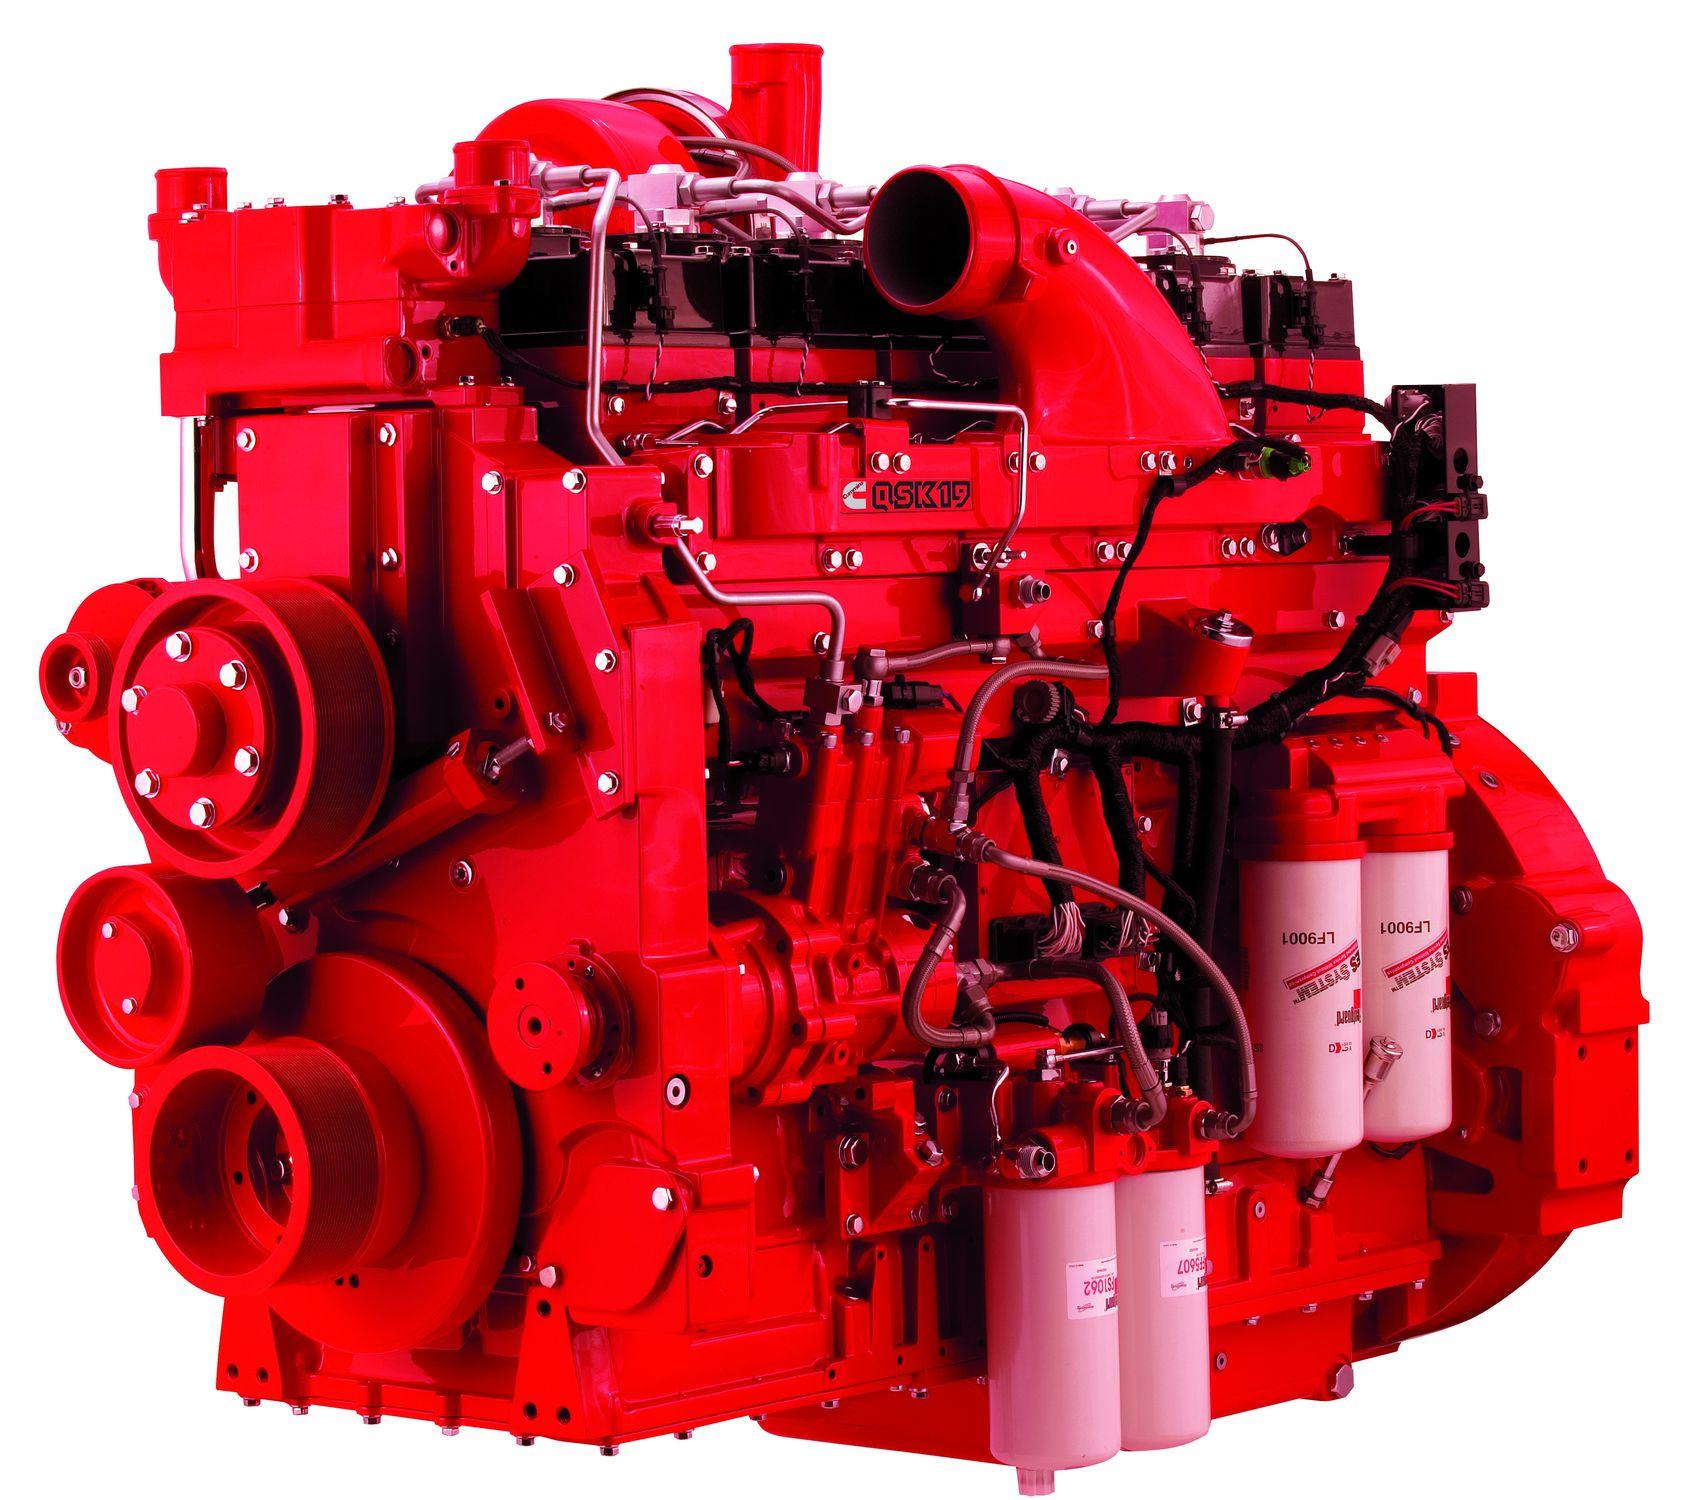 motor a diesel 2 cilindros itapecerica da serra brasil são paulo são leopoldo gás gasolina diesel pretróleo